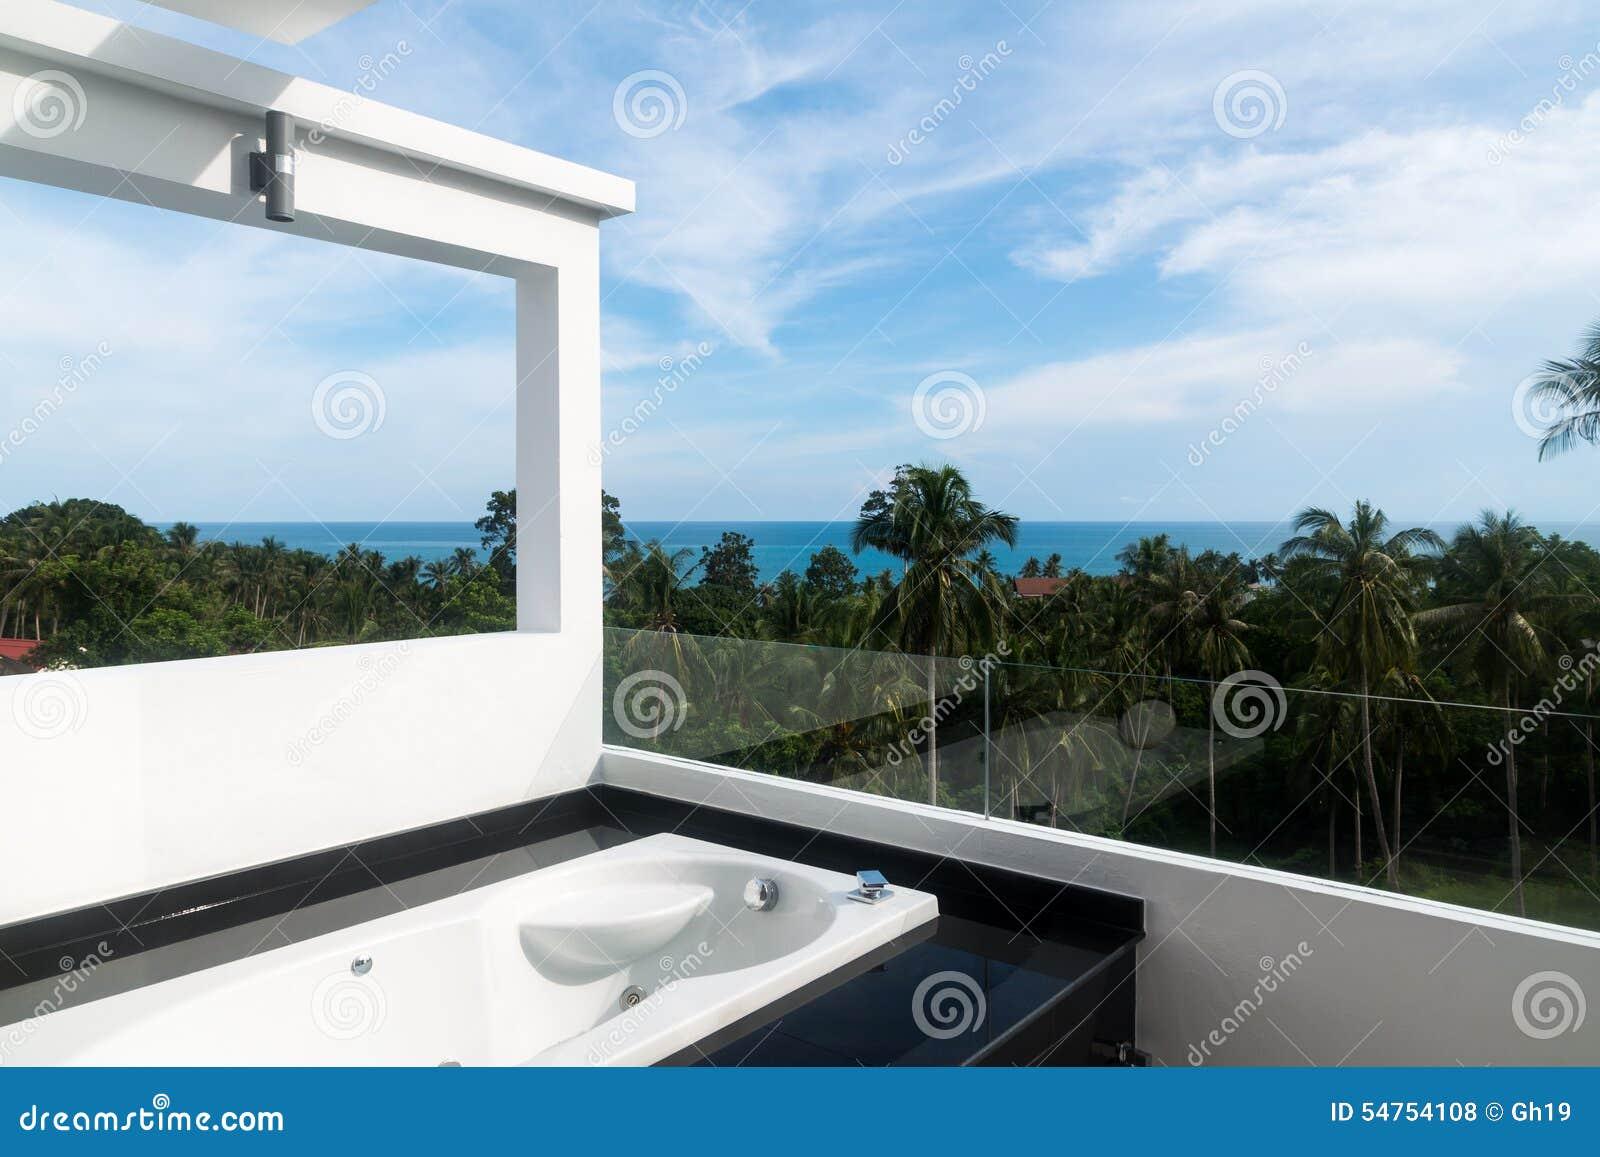 Balkon Met Jacuzzi : Balkon met jacuzzi stock foto. afbeelding bestaande uit blauw 54754108